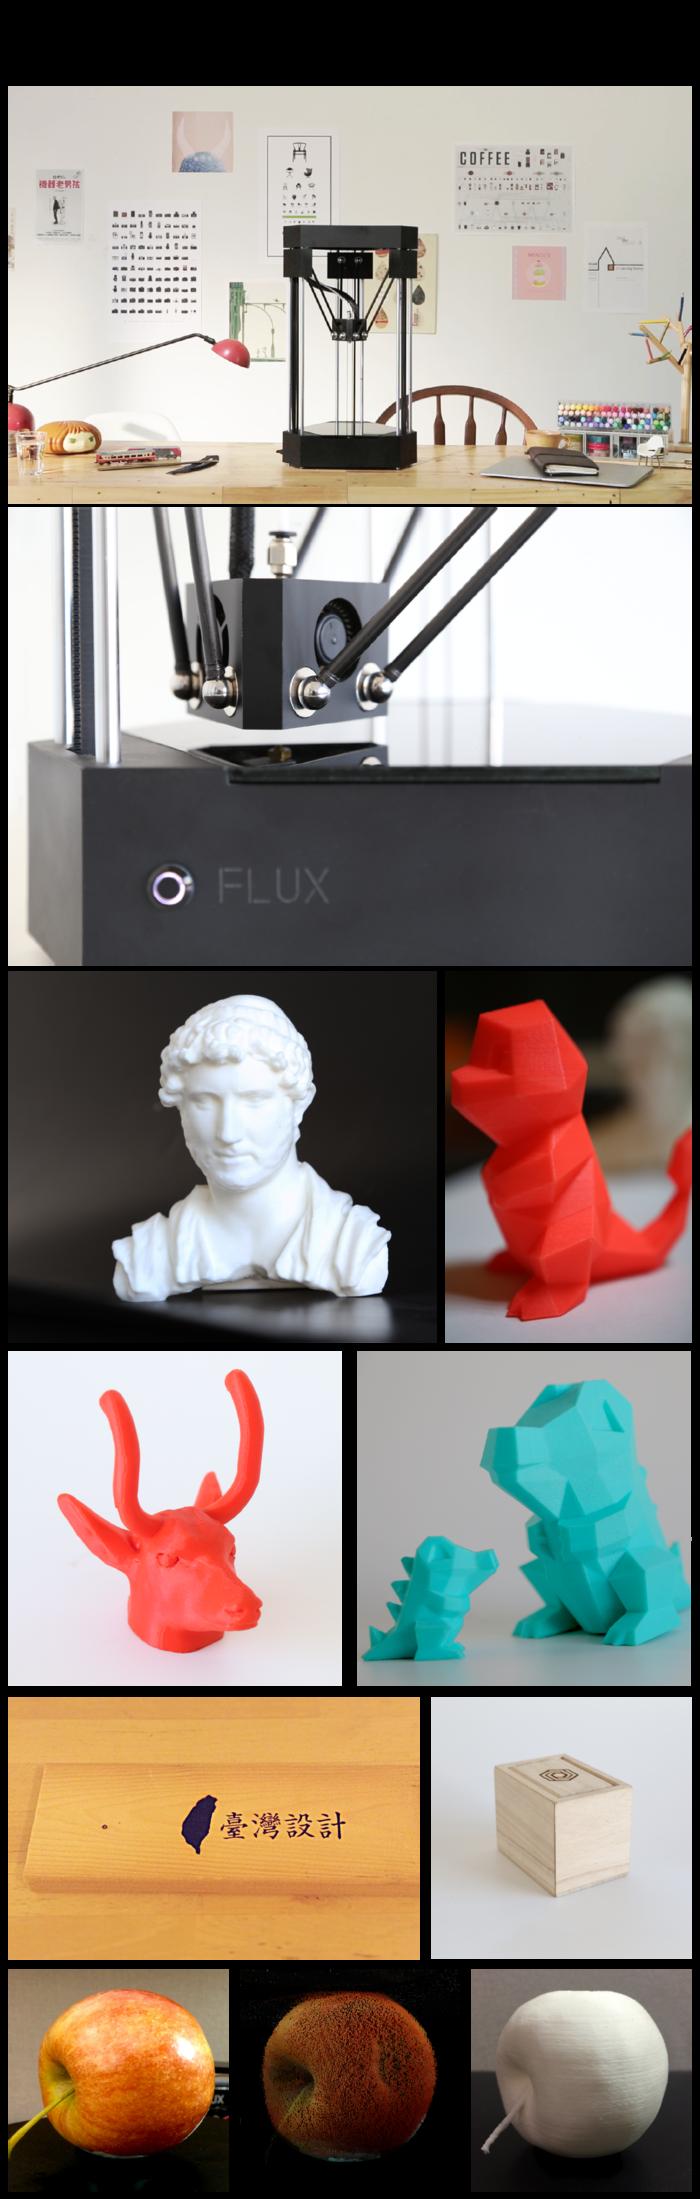 FLUXの造形サンプル